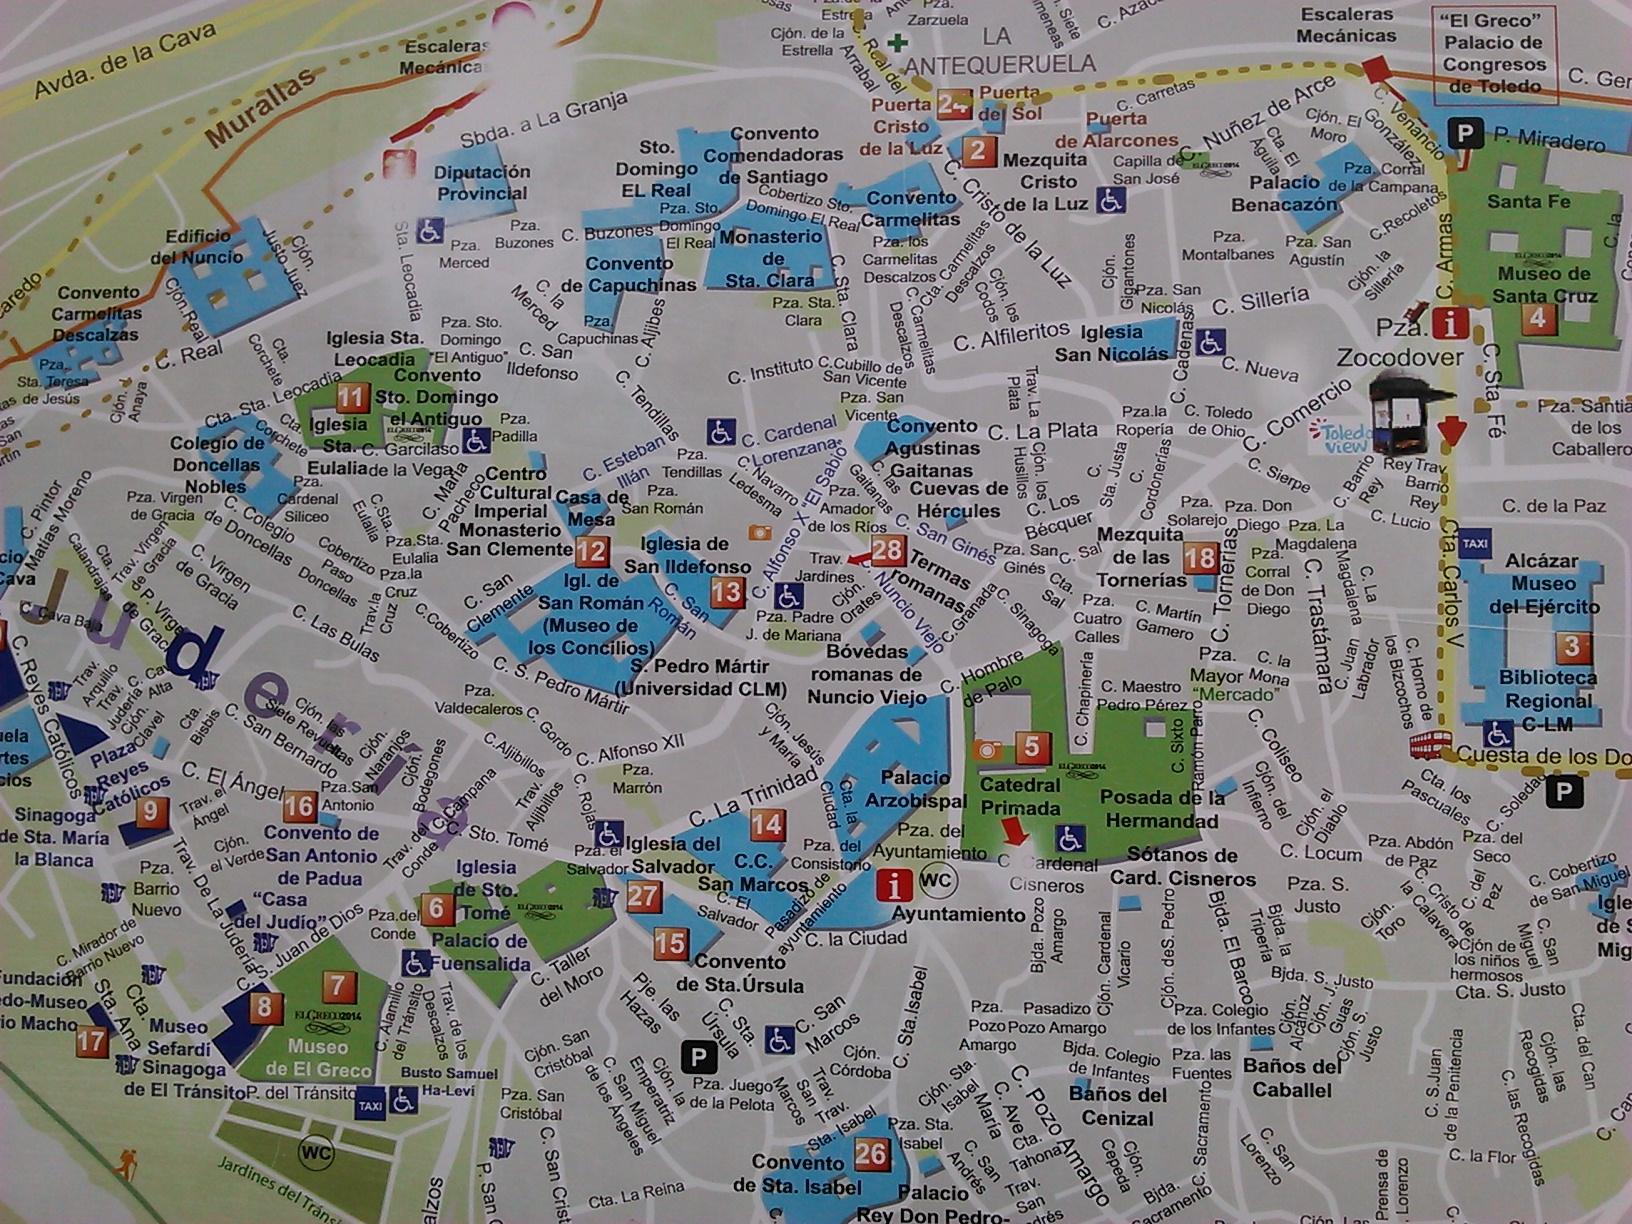 toledo touristic map